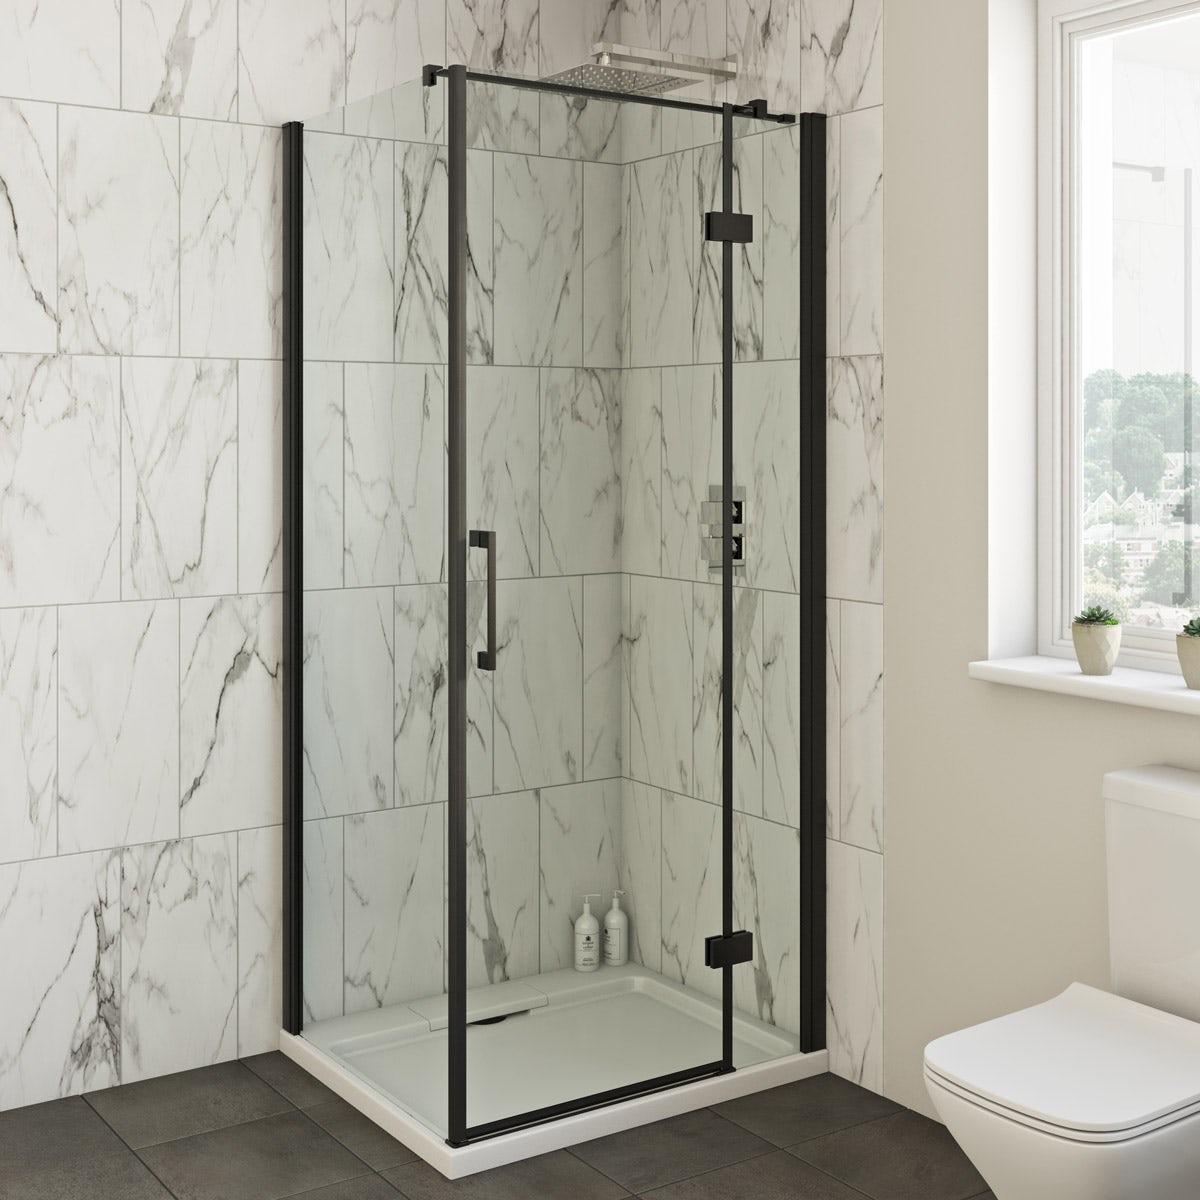 Mode Cooper Black Hinged Shower Enclosure Victoriaplum Com